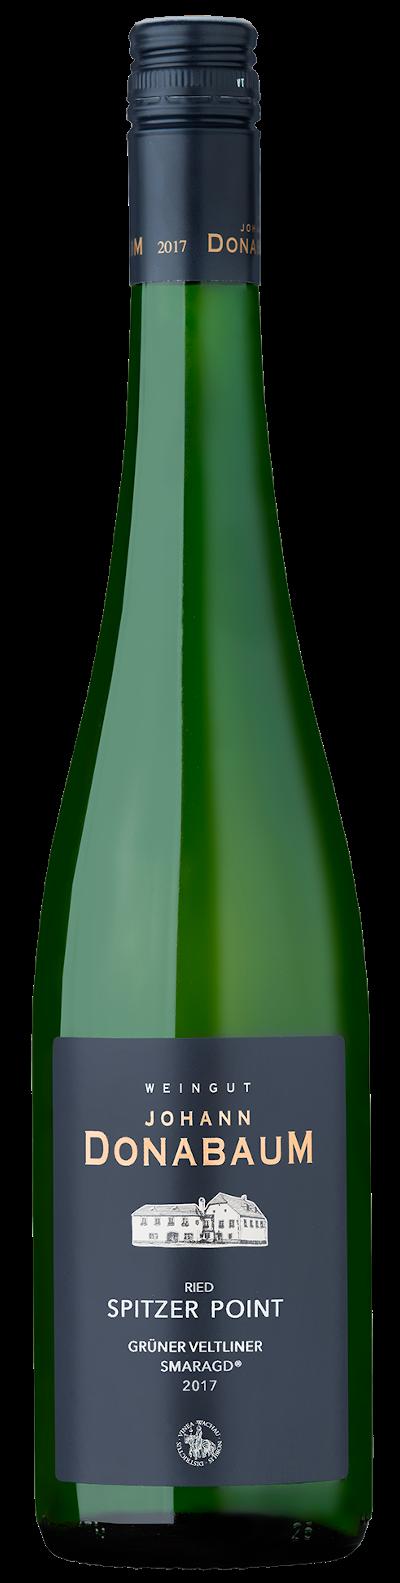 Donabaum - Grüner Veltliner Smaragd Spitzer Point